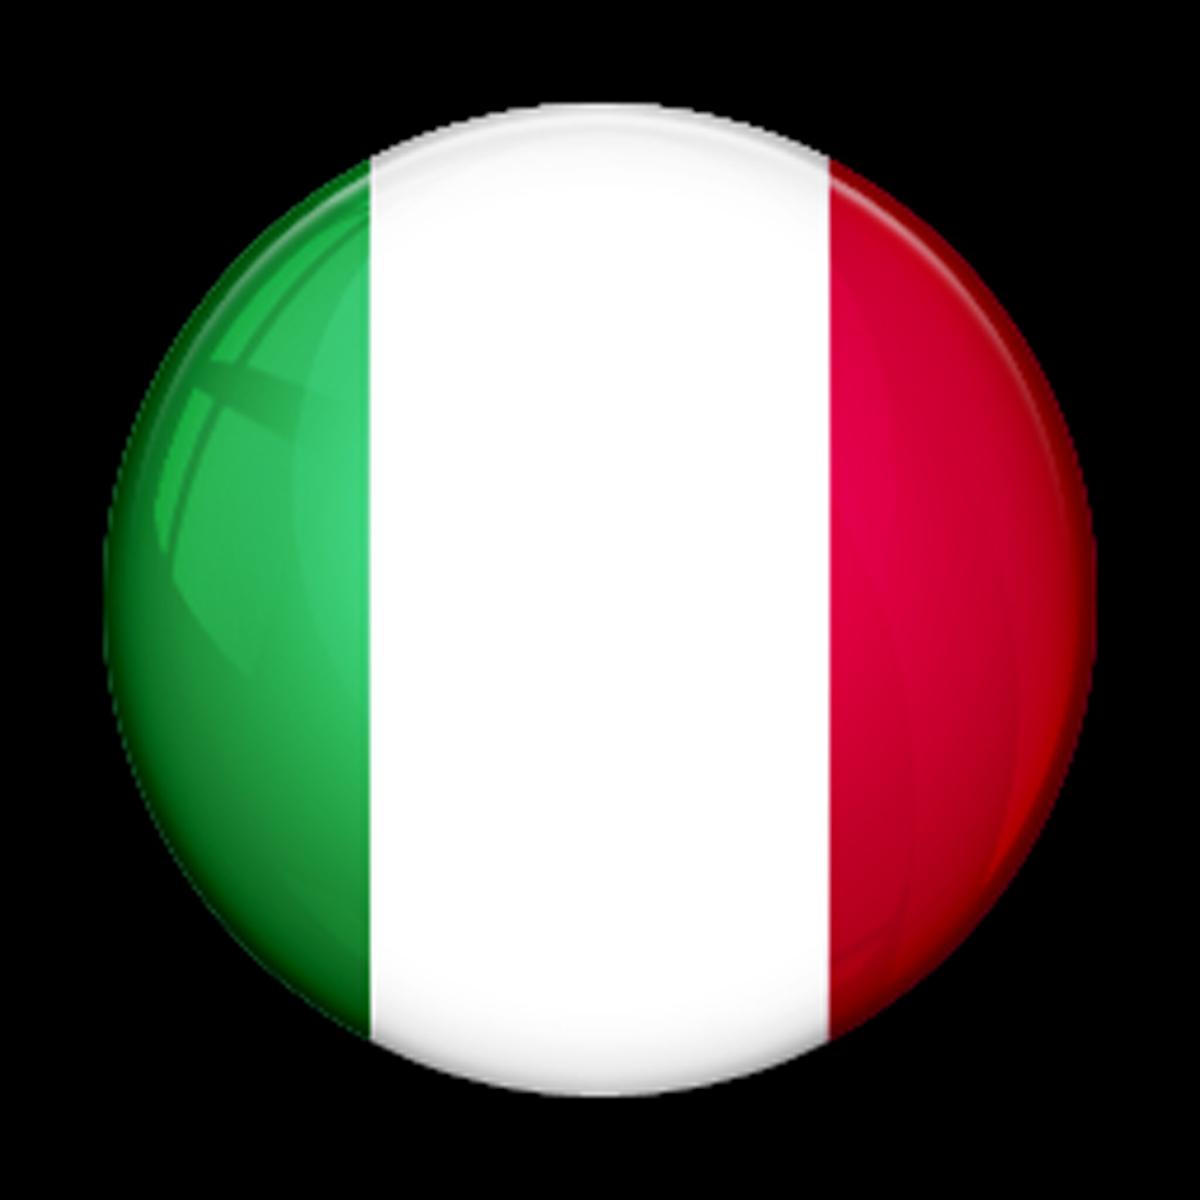 Traduci questa pagina in italiano